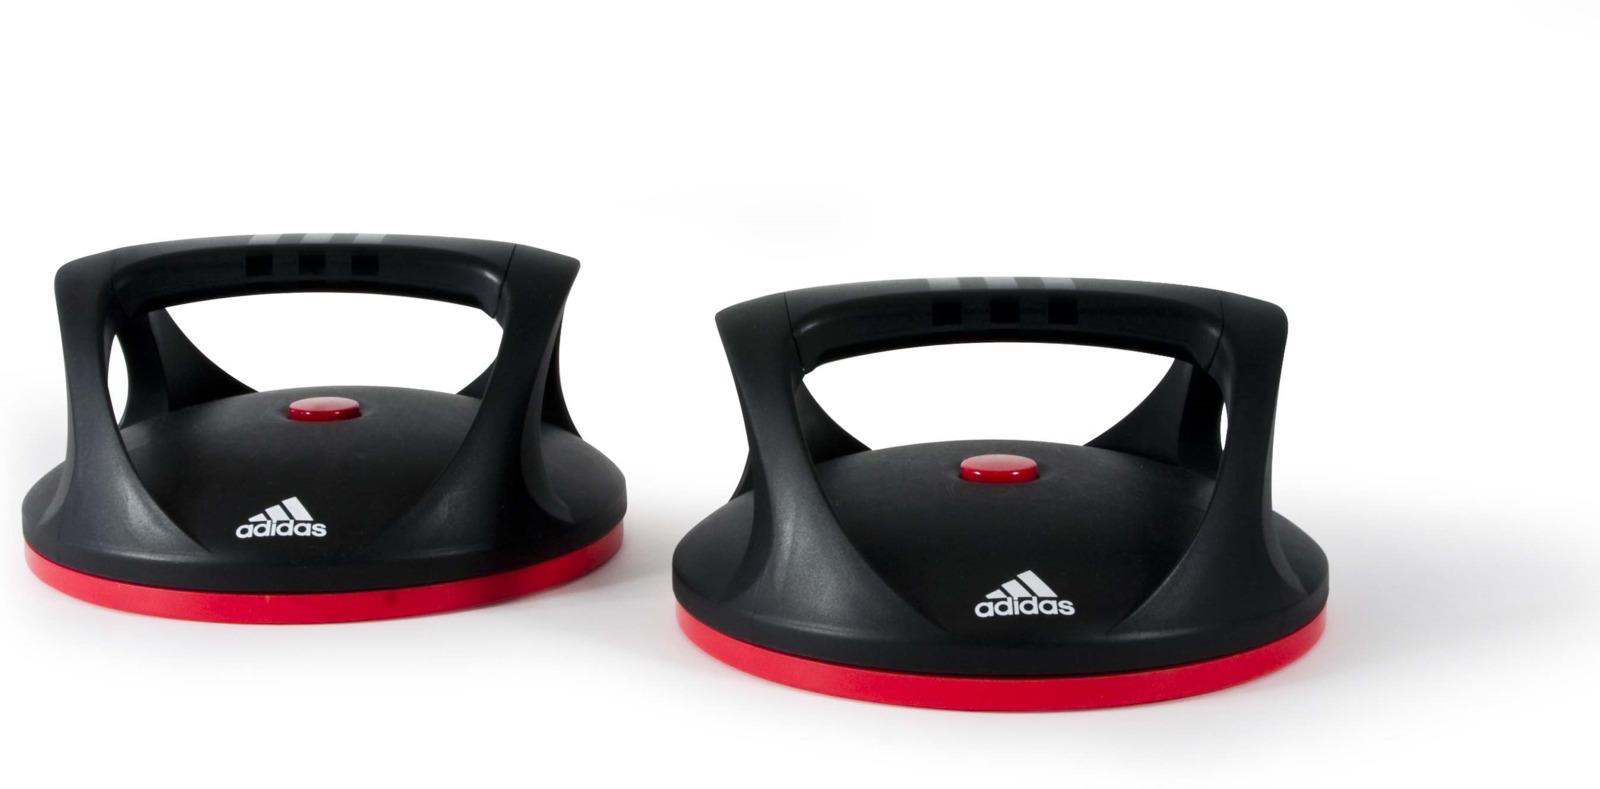 Упоры для отжиманий Adidas, поворотные, 2 шт упоры для отжиманий atemi металлические apu 02